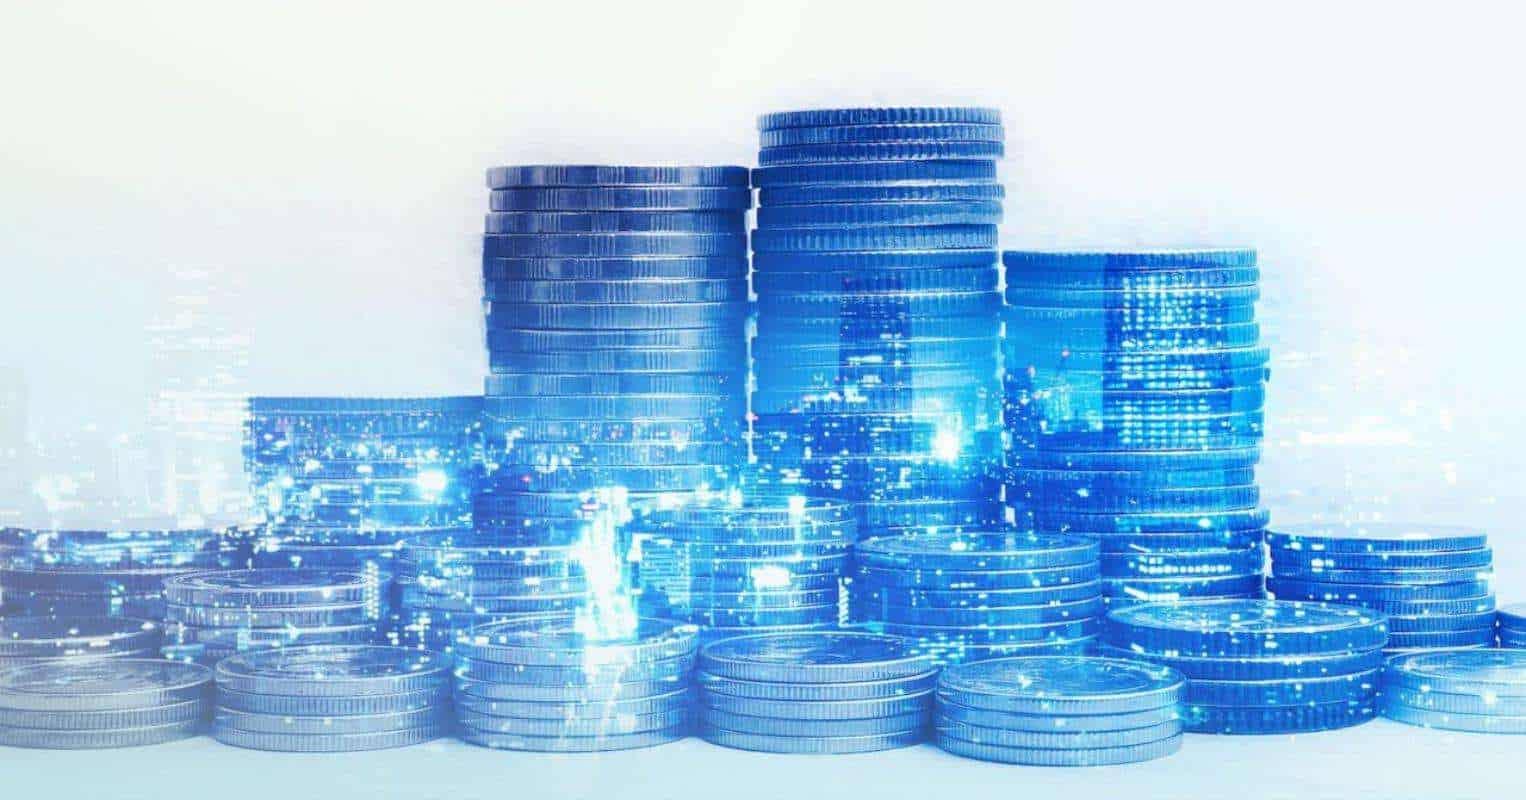 Способы прибыли в криптовалюте: как заработать на биткоин бирже и автомате